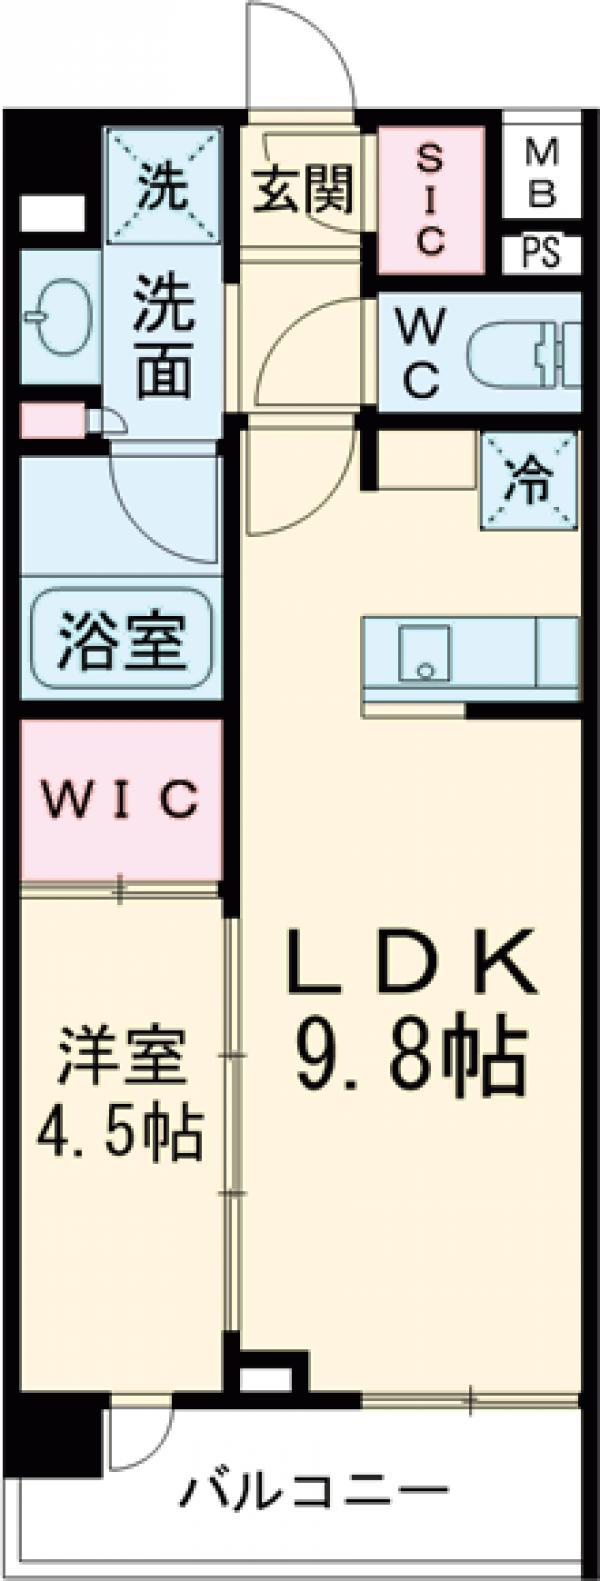 ルフォンプログレ中野富士見町ザ・レジデンス・110号室の間取り